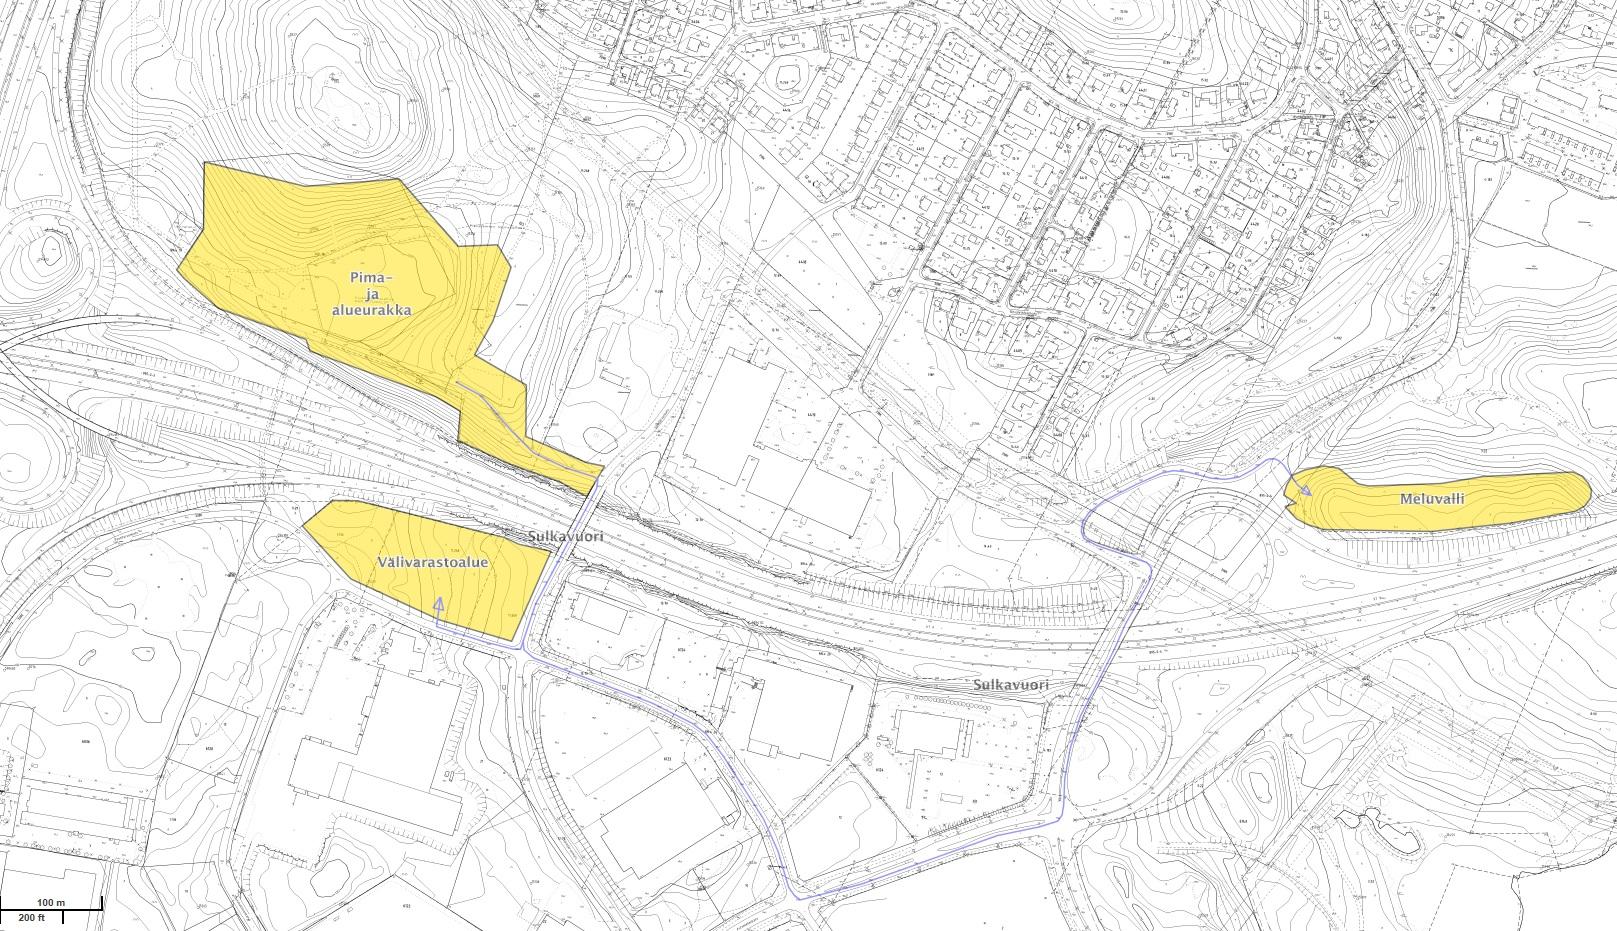 Puunkaato alueet on merkitty keltaisella